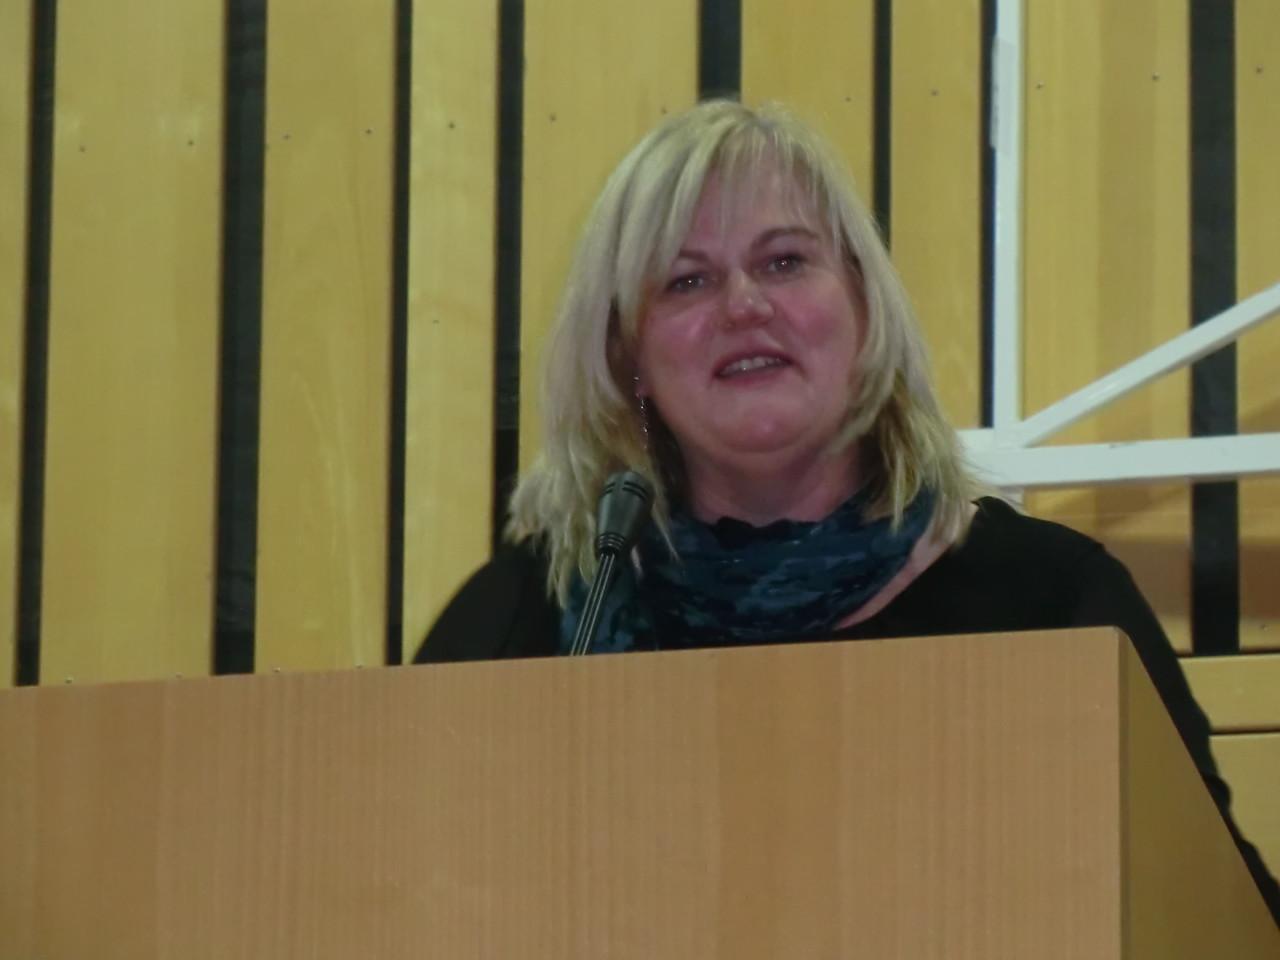 Unsere Bezirksbäuerin Christine Reitelshöfer liest uns ein oberpfälzisches Gedicht